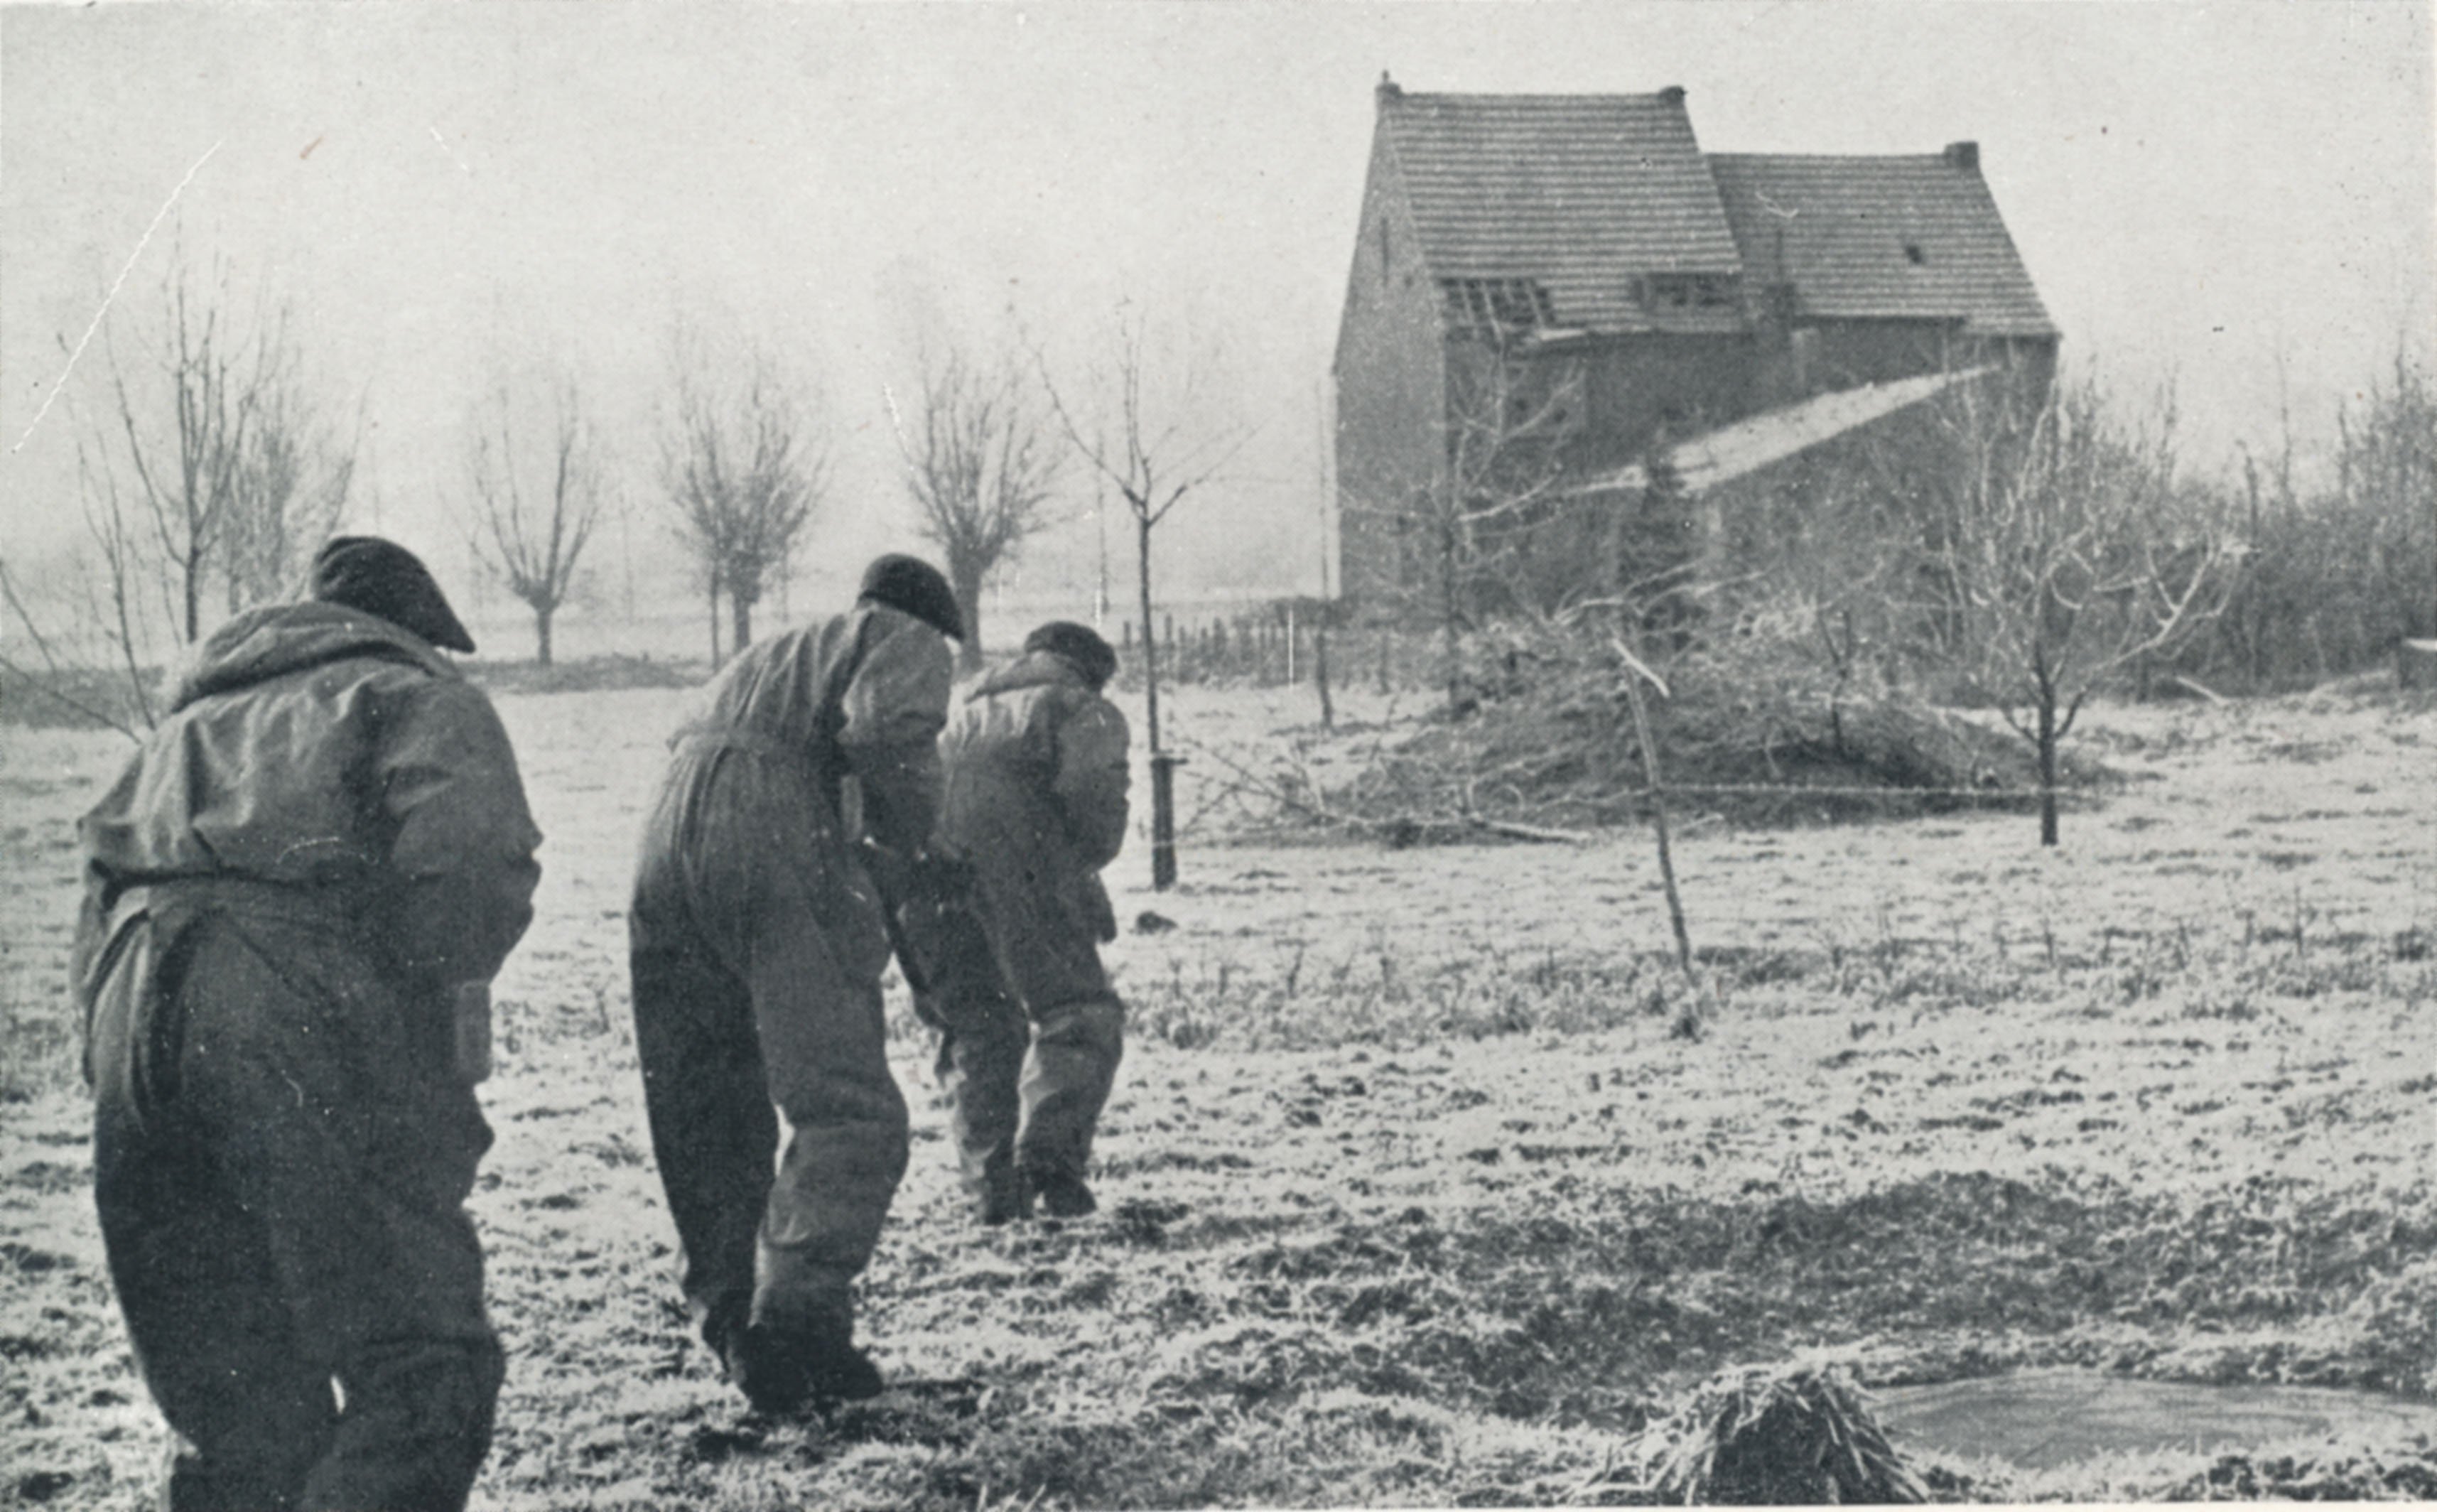 Ww2 Christmas Day.Ww2 Army Personnel